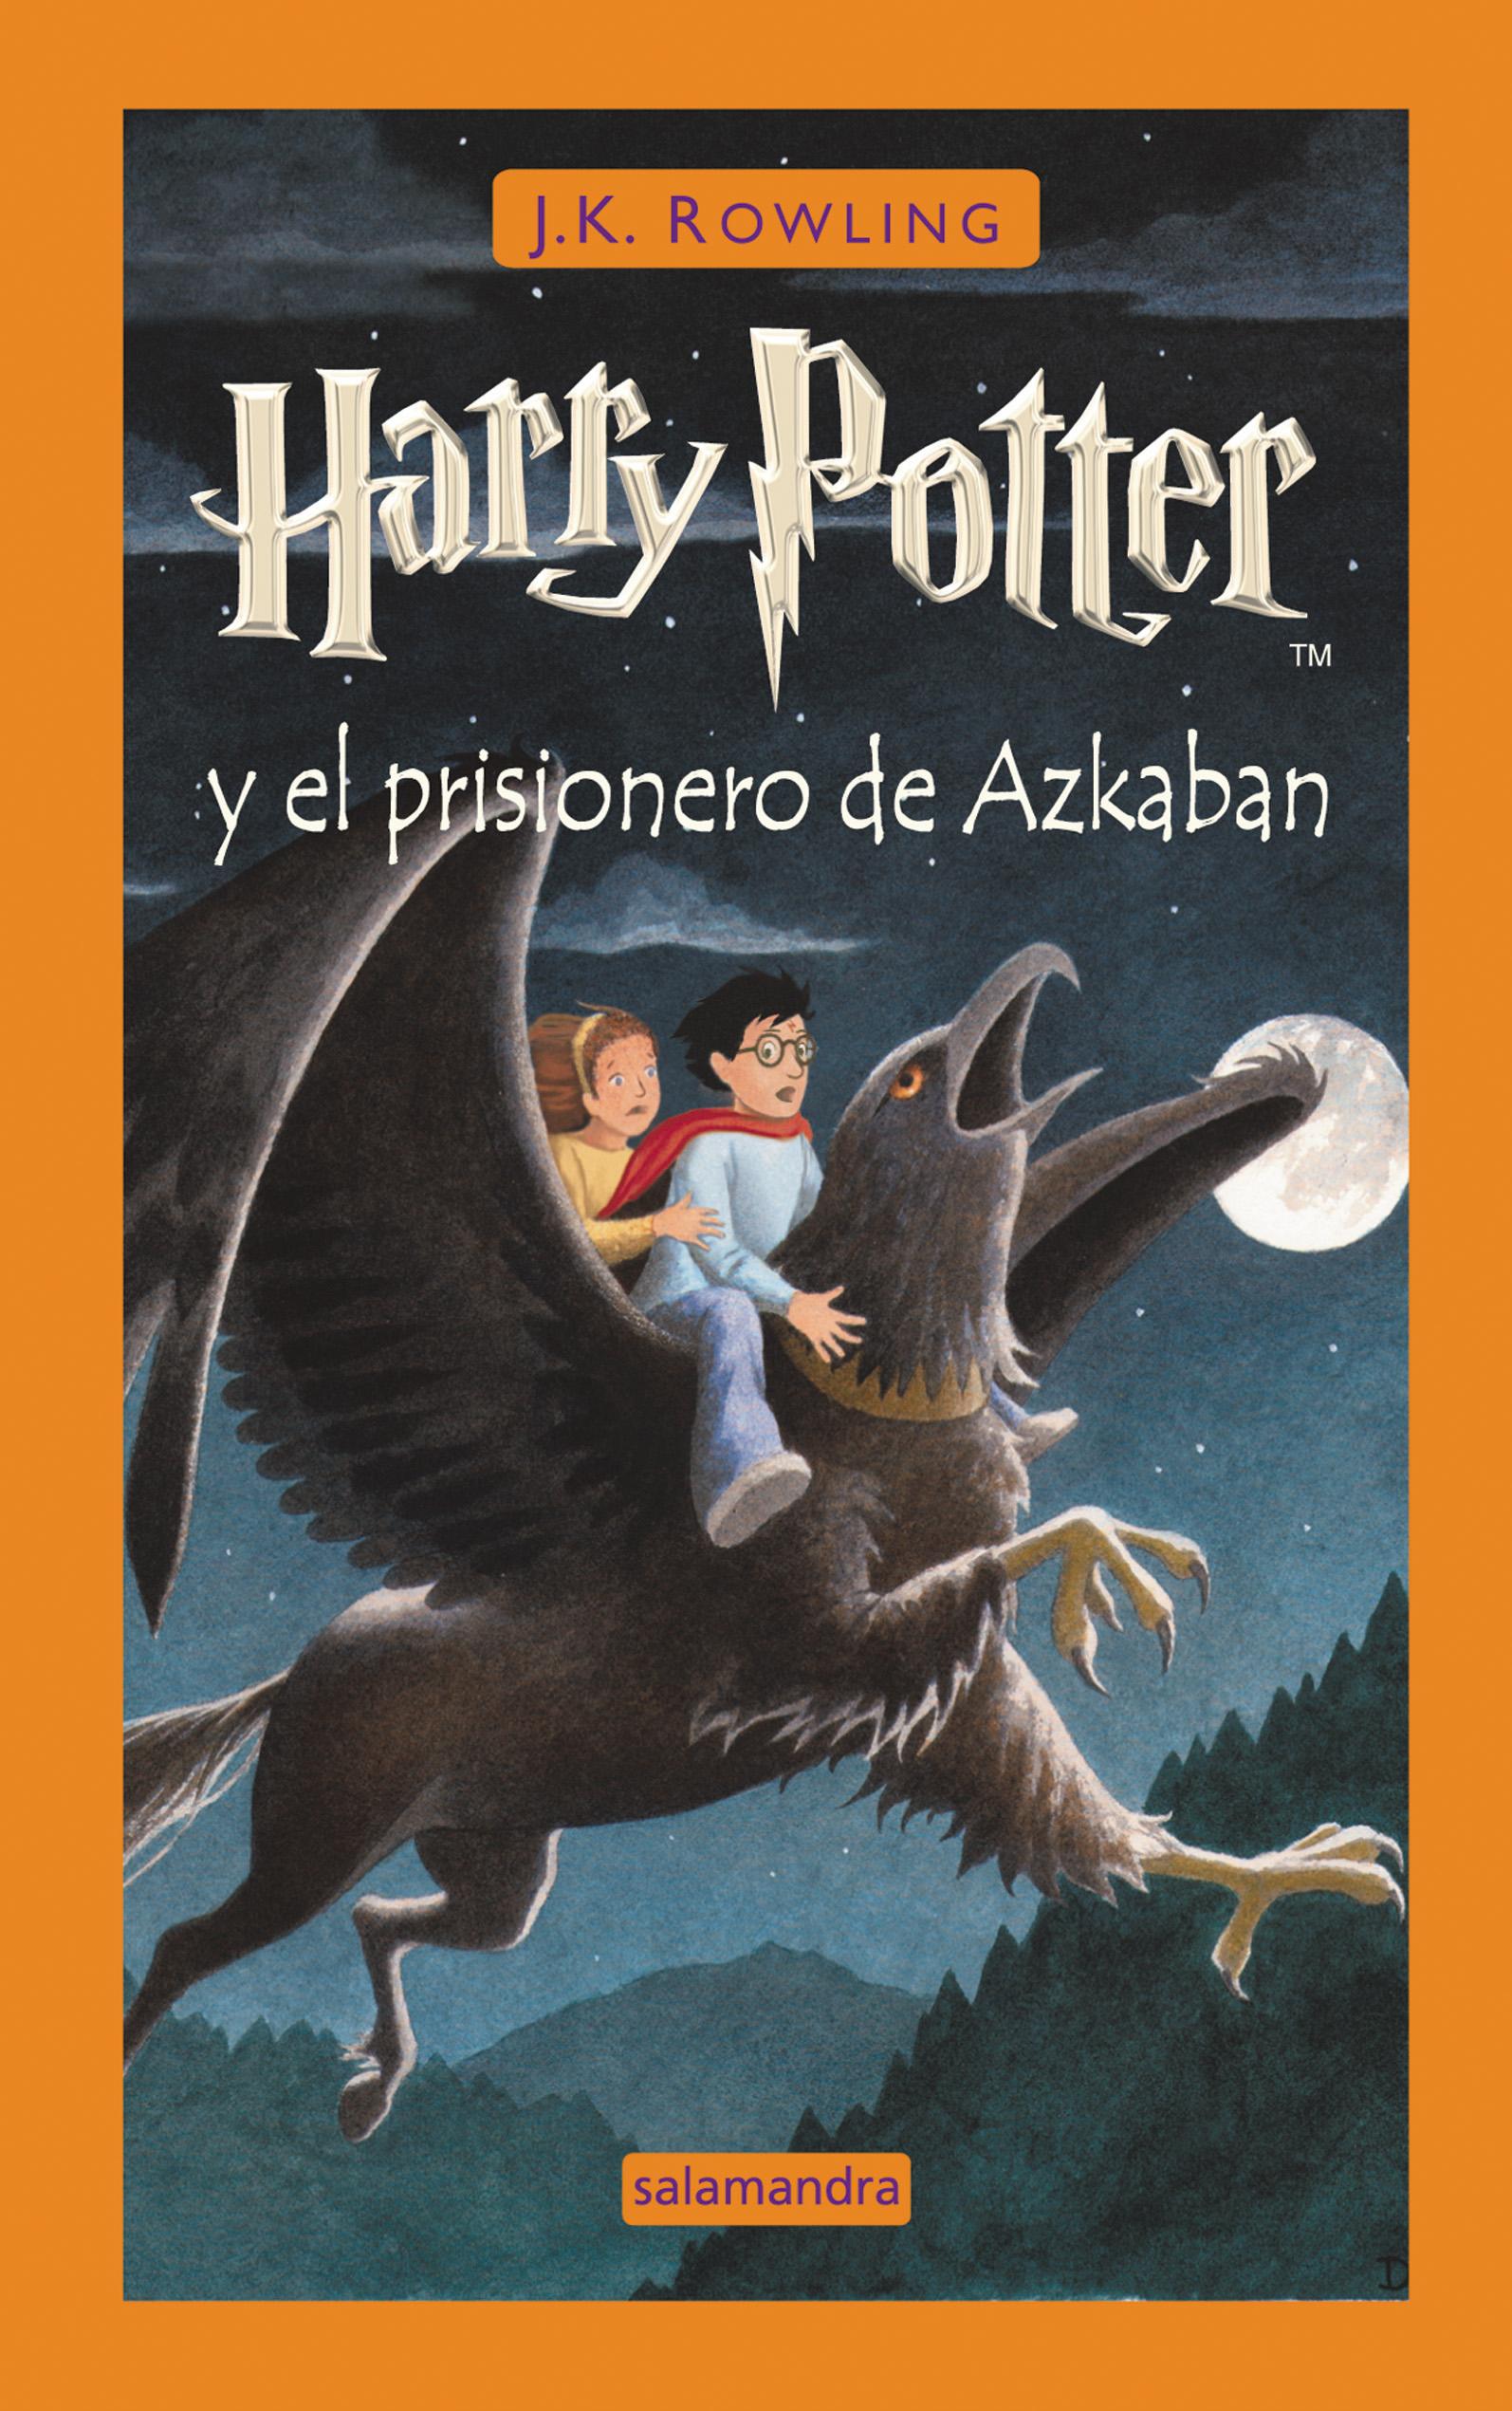 Harry Potter y el prisionero de Azkaban – J. K. Rowling